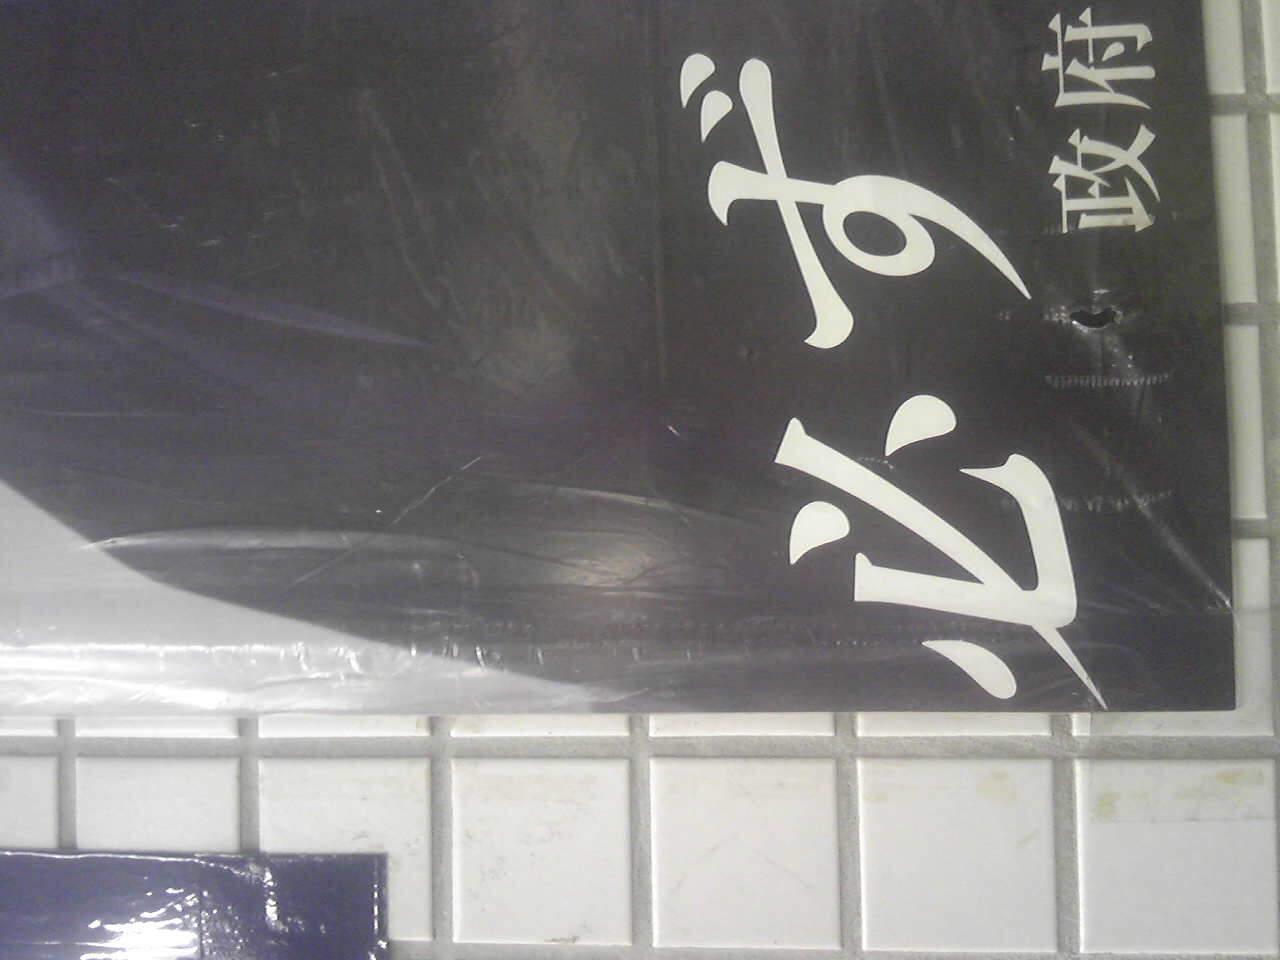 発見。津川「・・・取り戻す」ポスターにだけ、表面に、ビニールカバーが貼りつめてある。この熱の入れようは、いったいなあに?